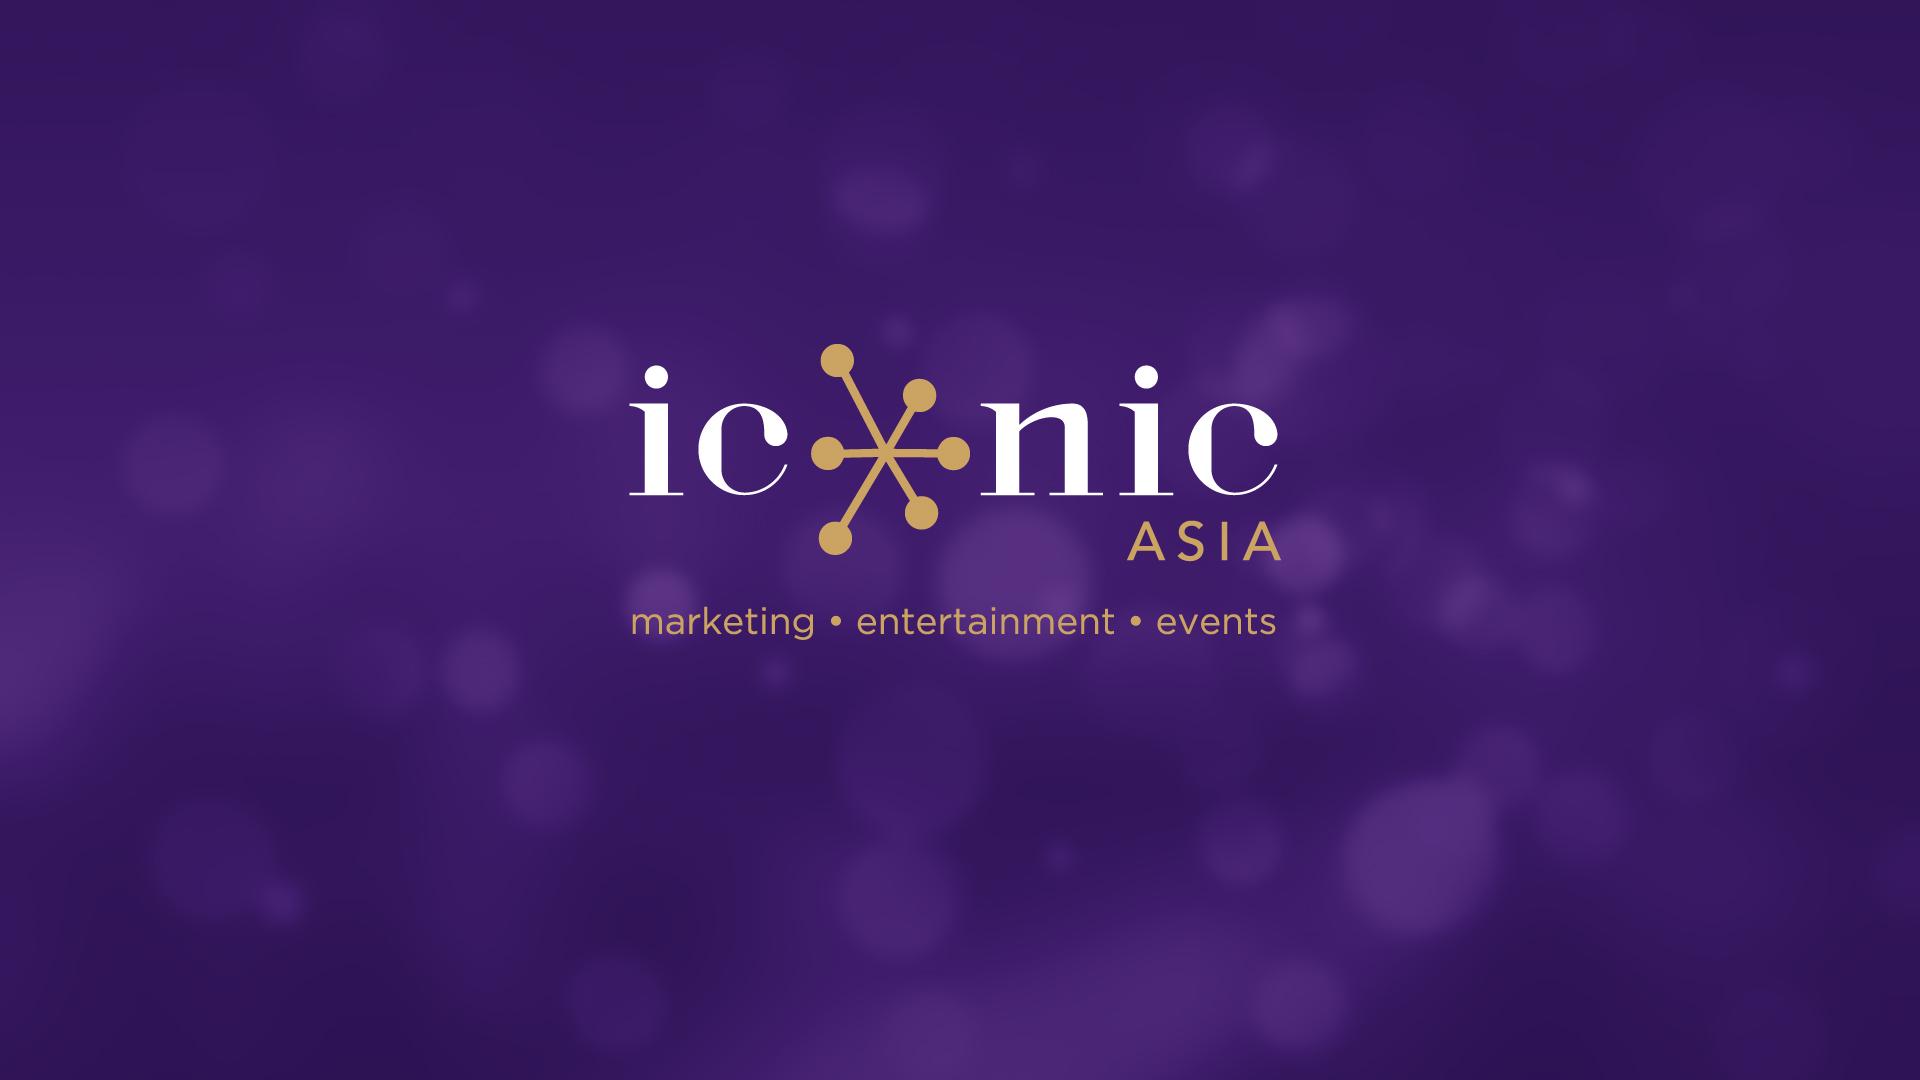 Iconic Asia